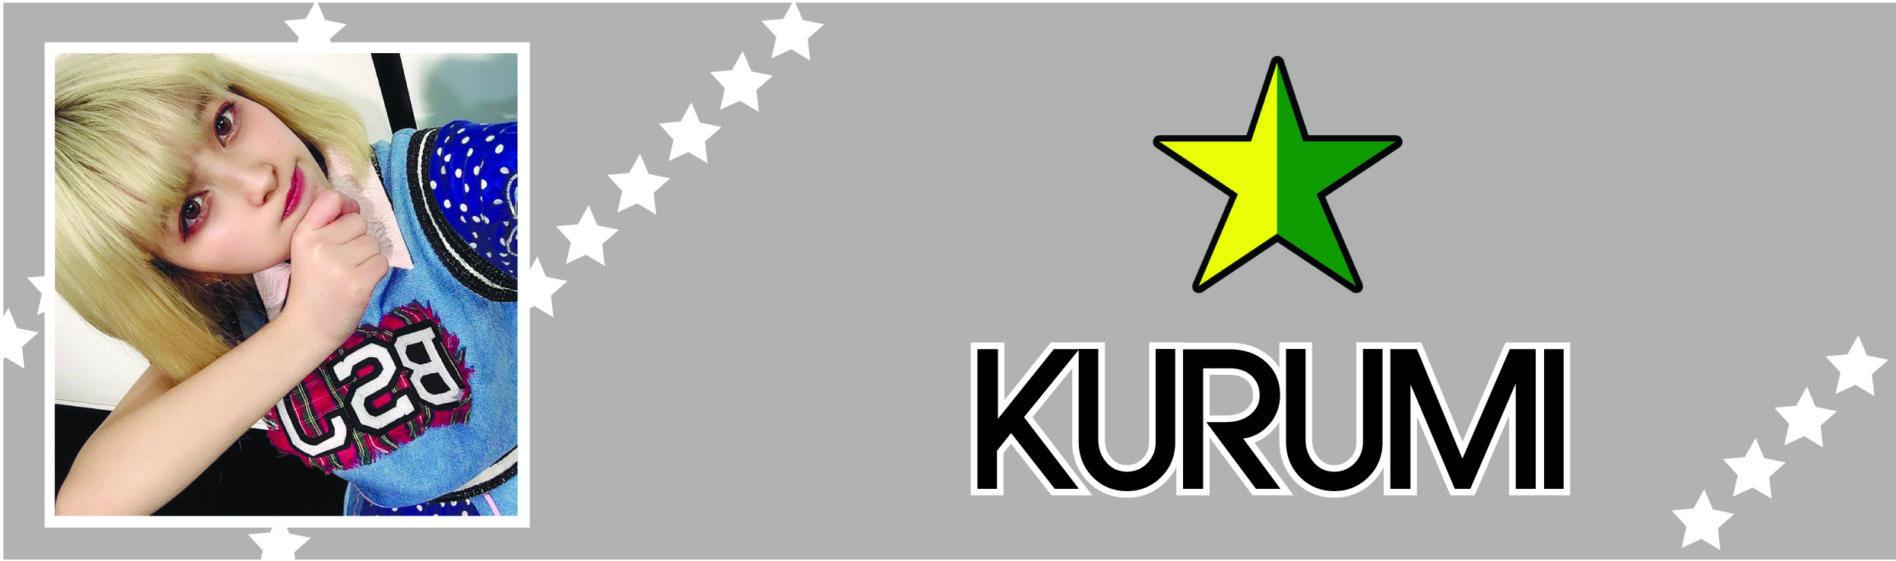 くるみのページへ https://bsj758.com/kururugi-kurumi/